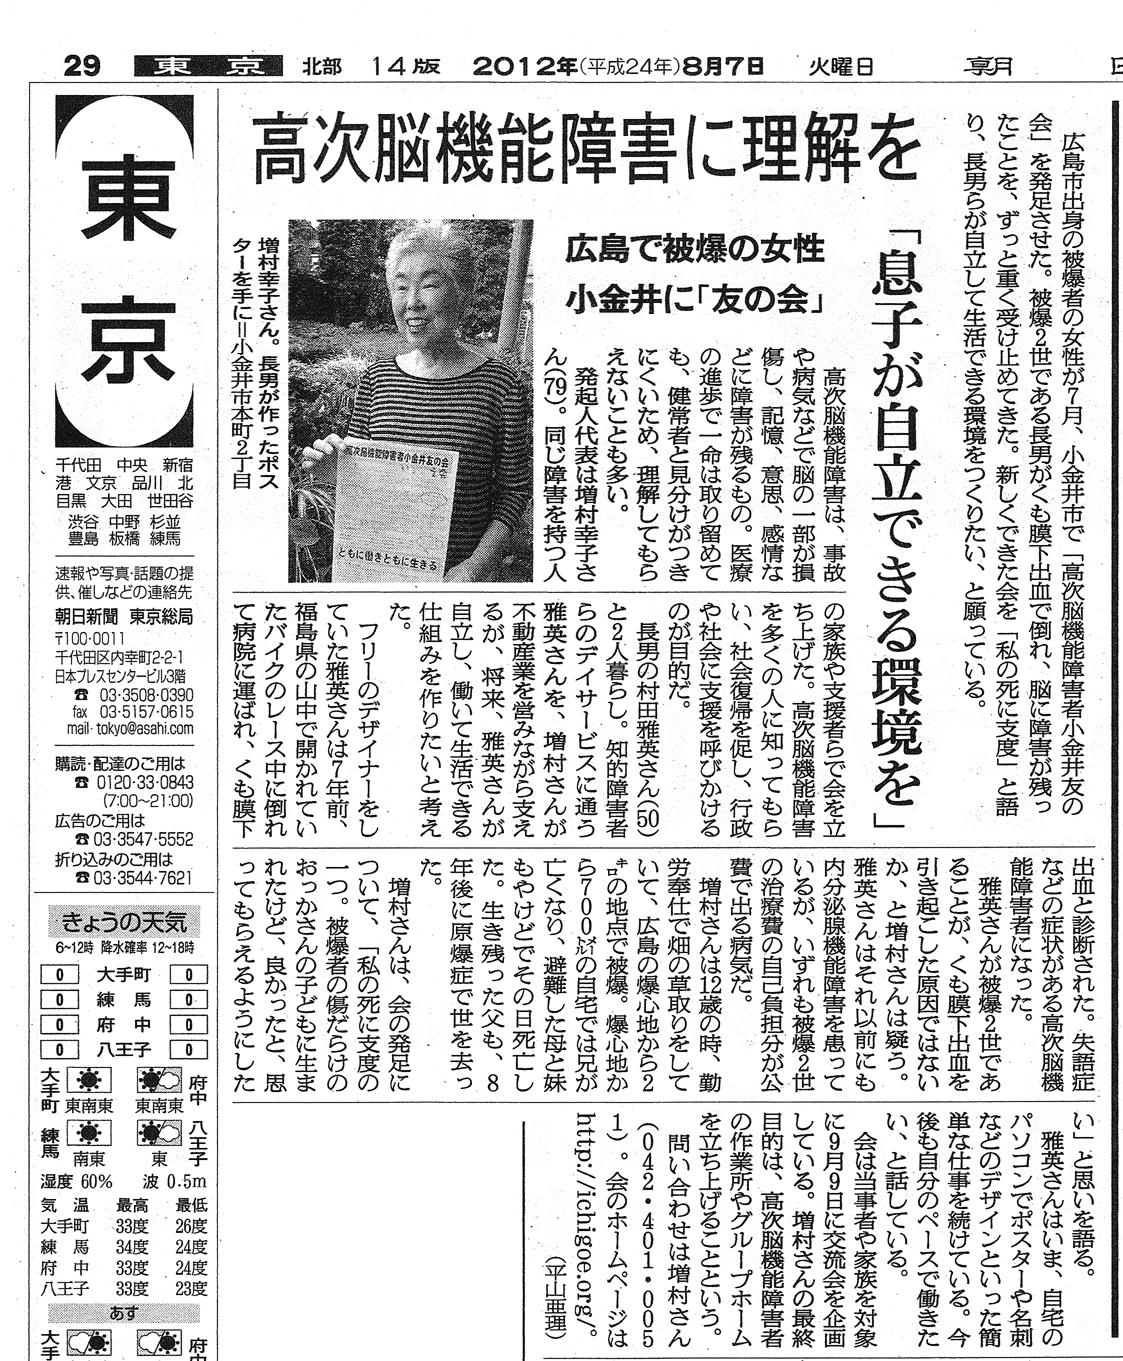 朝日新聞(武蔵野版) 2012年8月7日発行